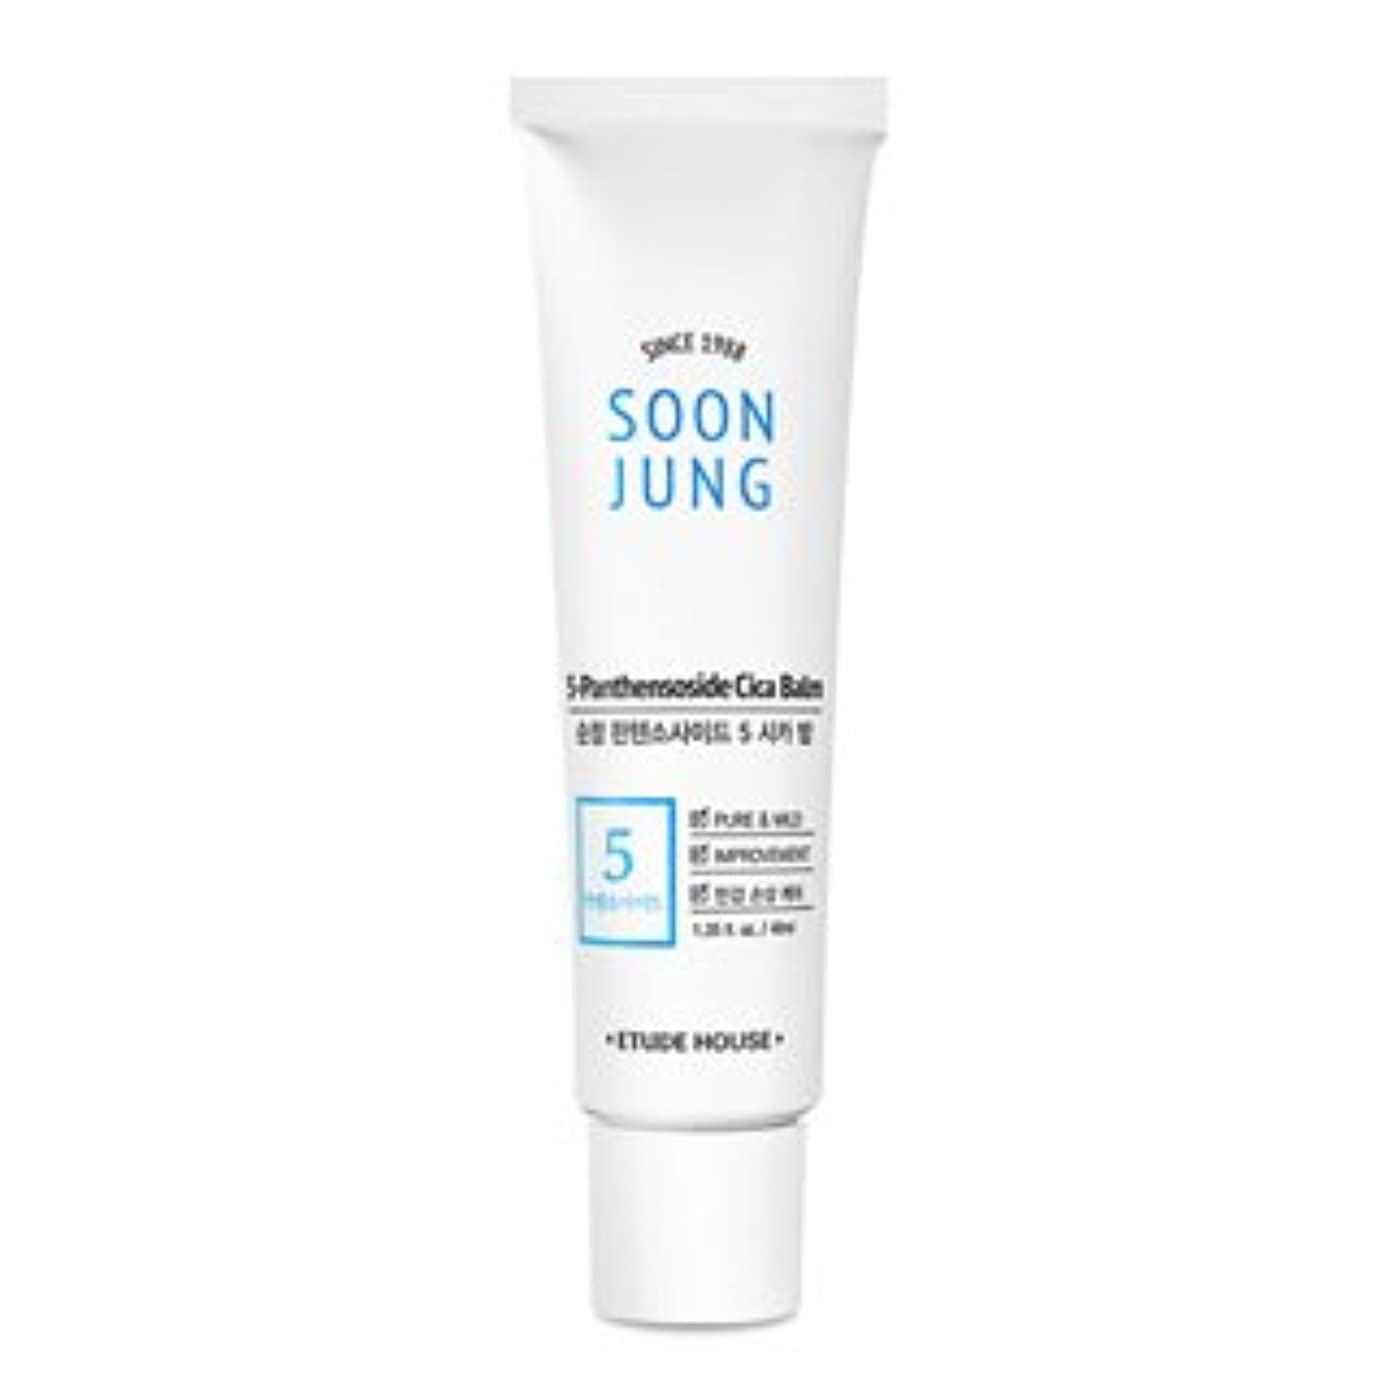 アート言語学管理する[New] ETUDE HOUSE Soon Jung 5-Panthensoside Cica Balm/エチュードハウス スンジョン 5-パンテンソシド シカ バーム (40ml) [並行輸入品]